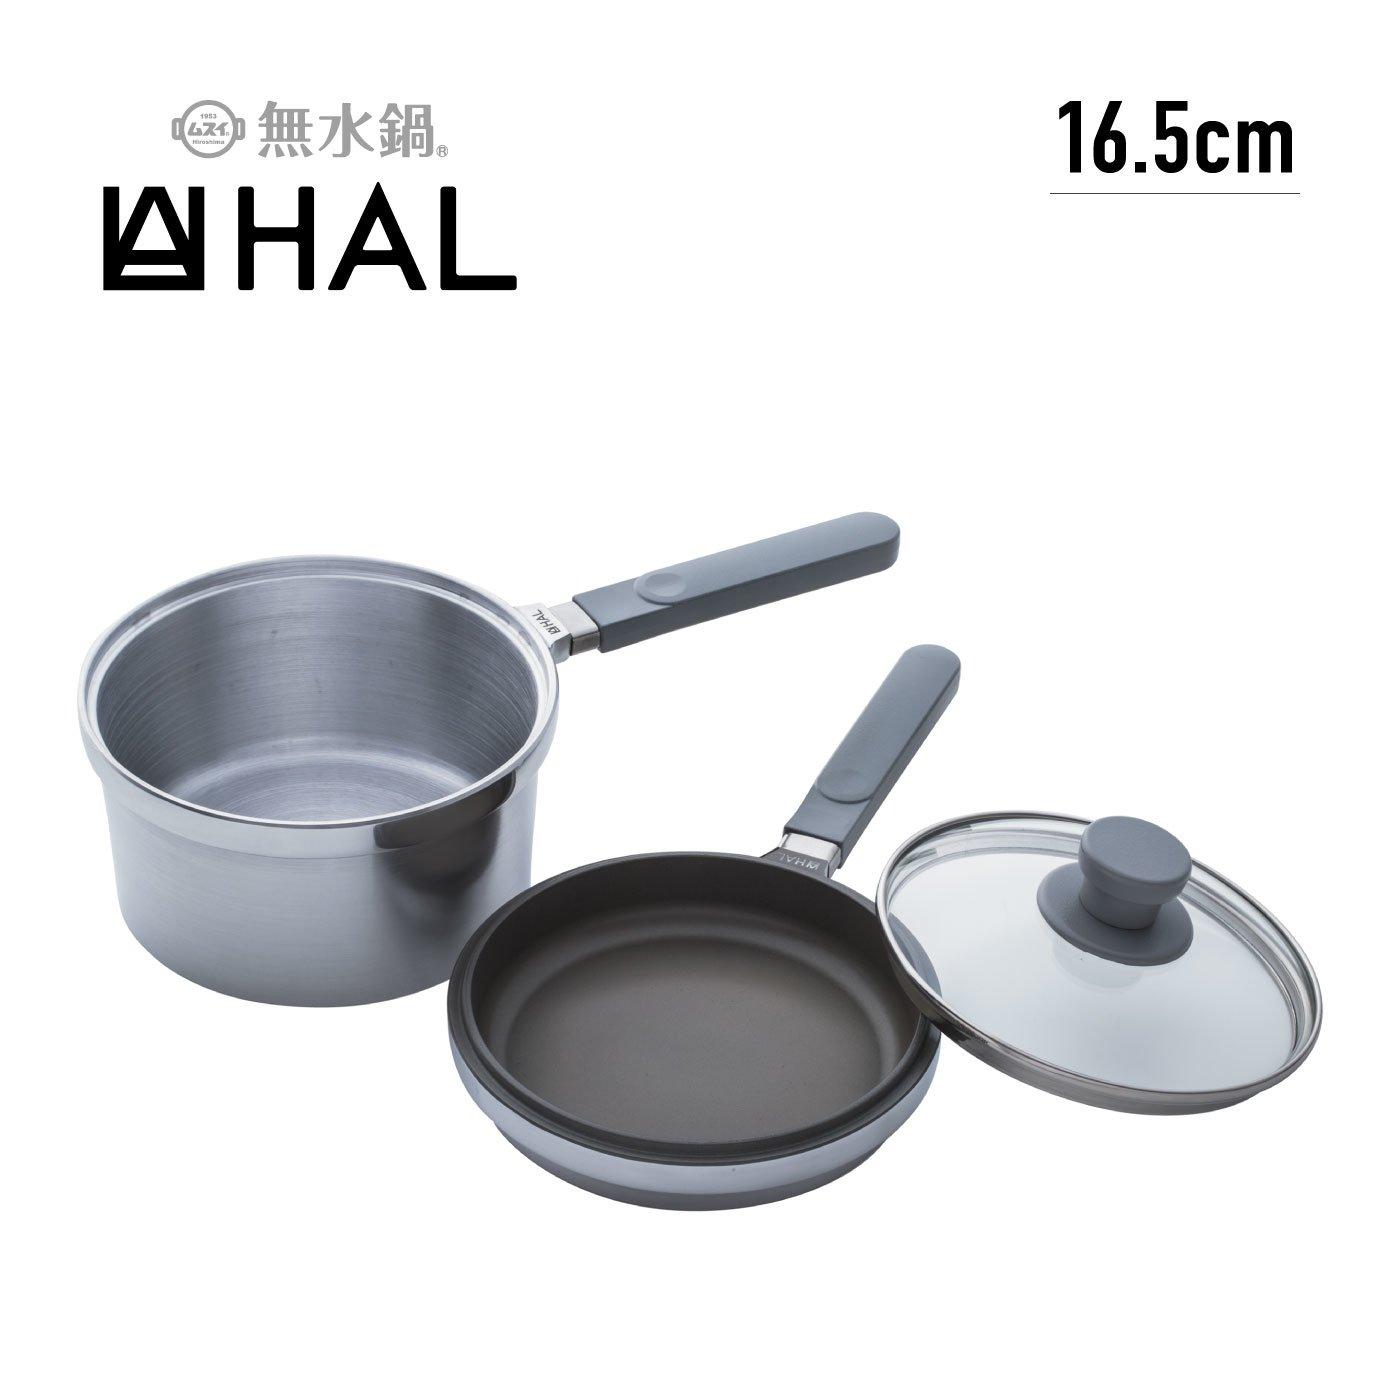 「手早く、おいしく」スマートライフのパートナー HAL片手無水鍋(R)16.5cm